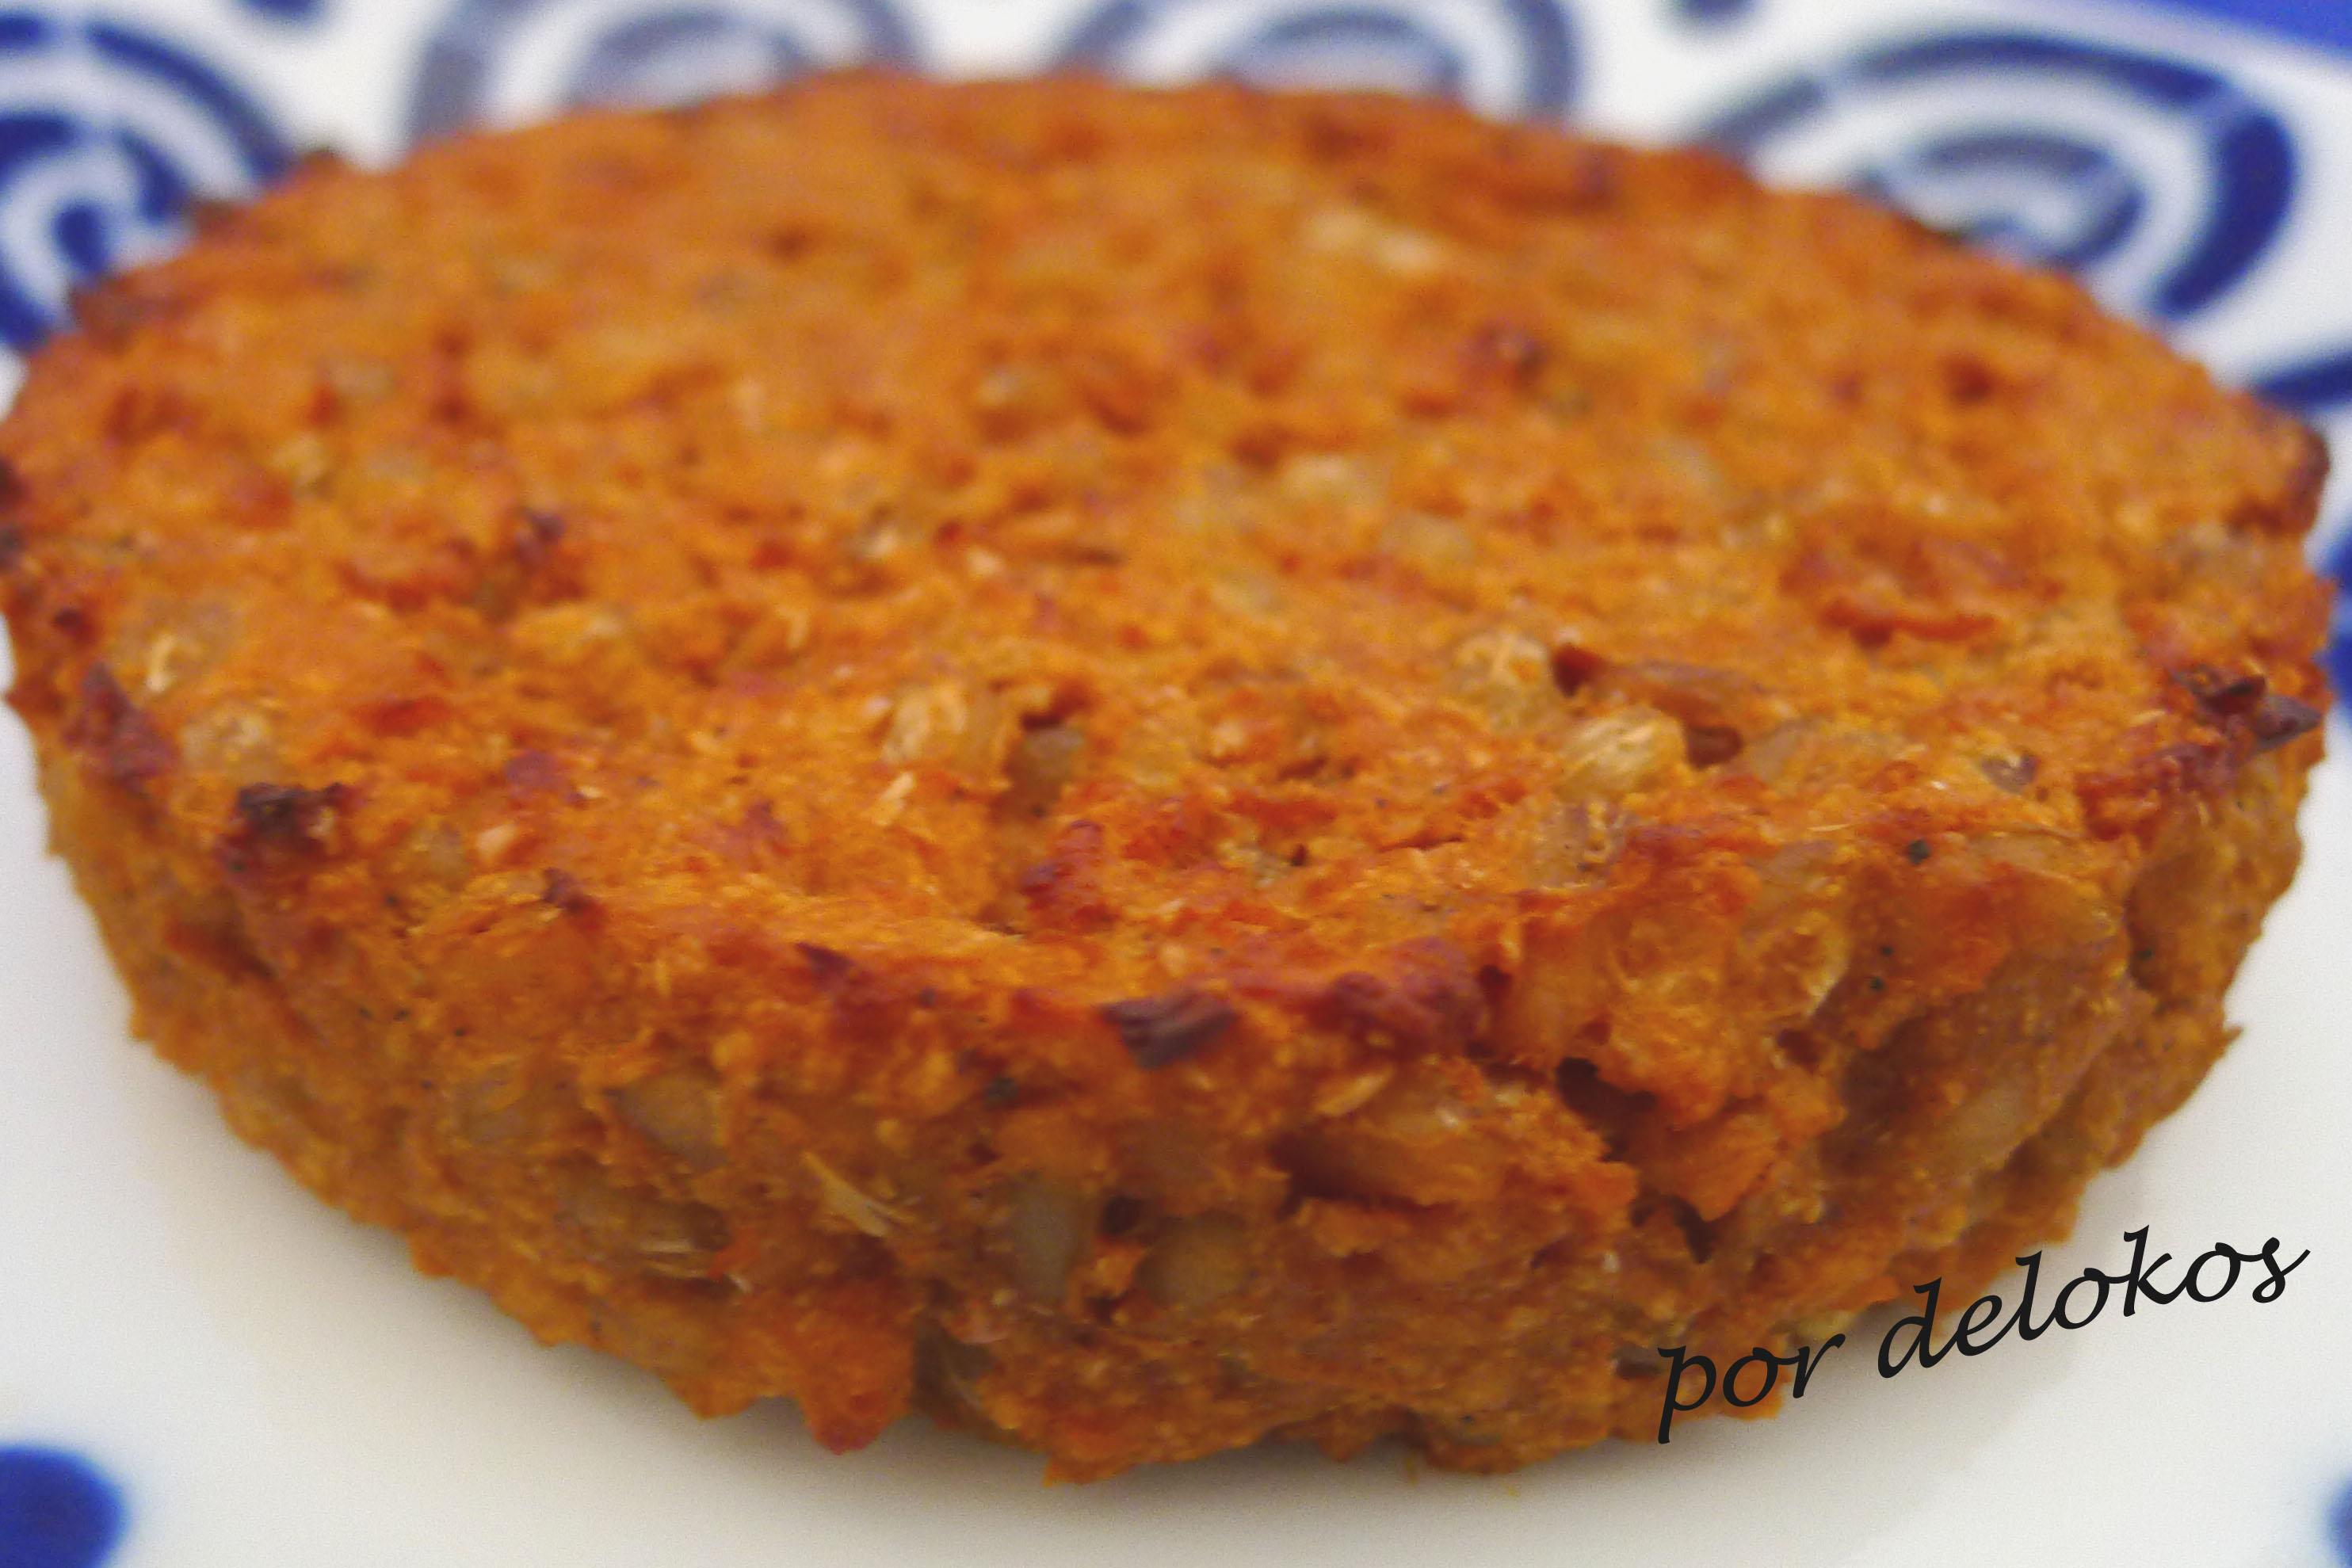 Hamburguesa vegetariana de cebada y soja delokos - Hamburguesas vegetarianas caseras ...